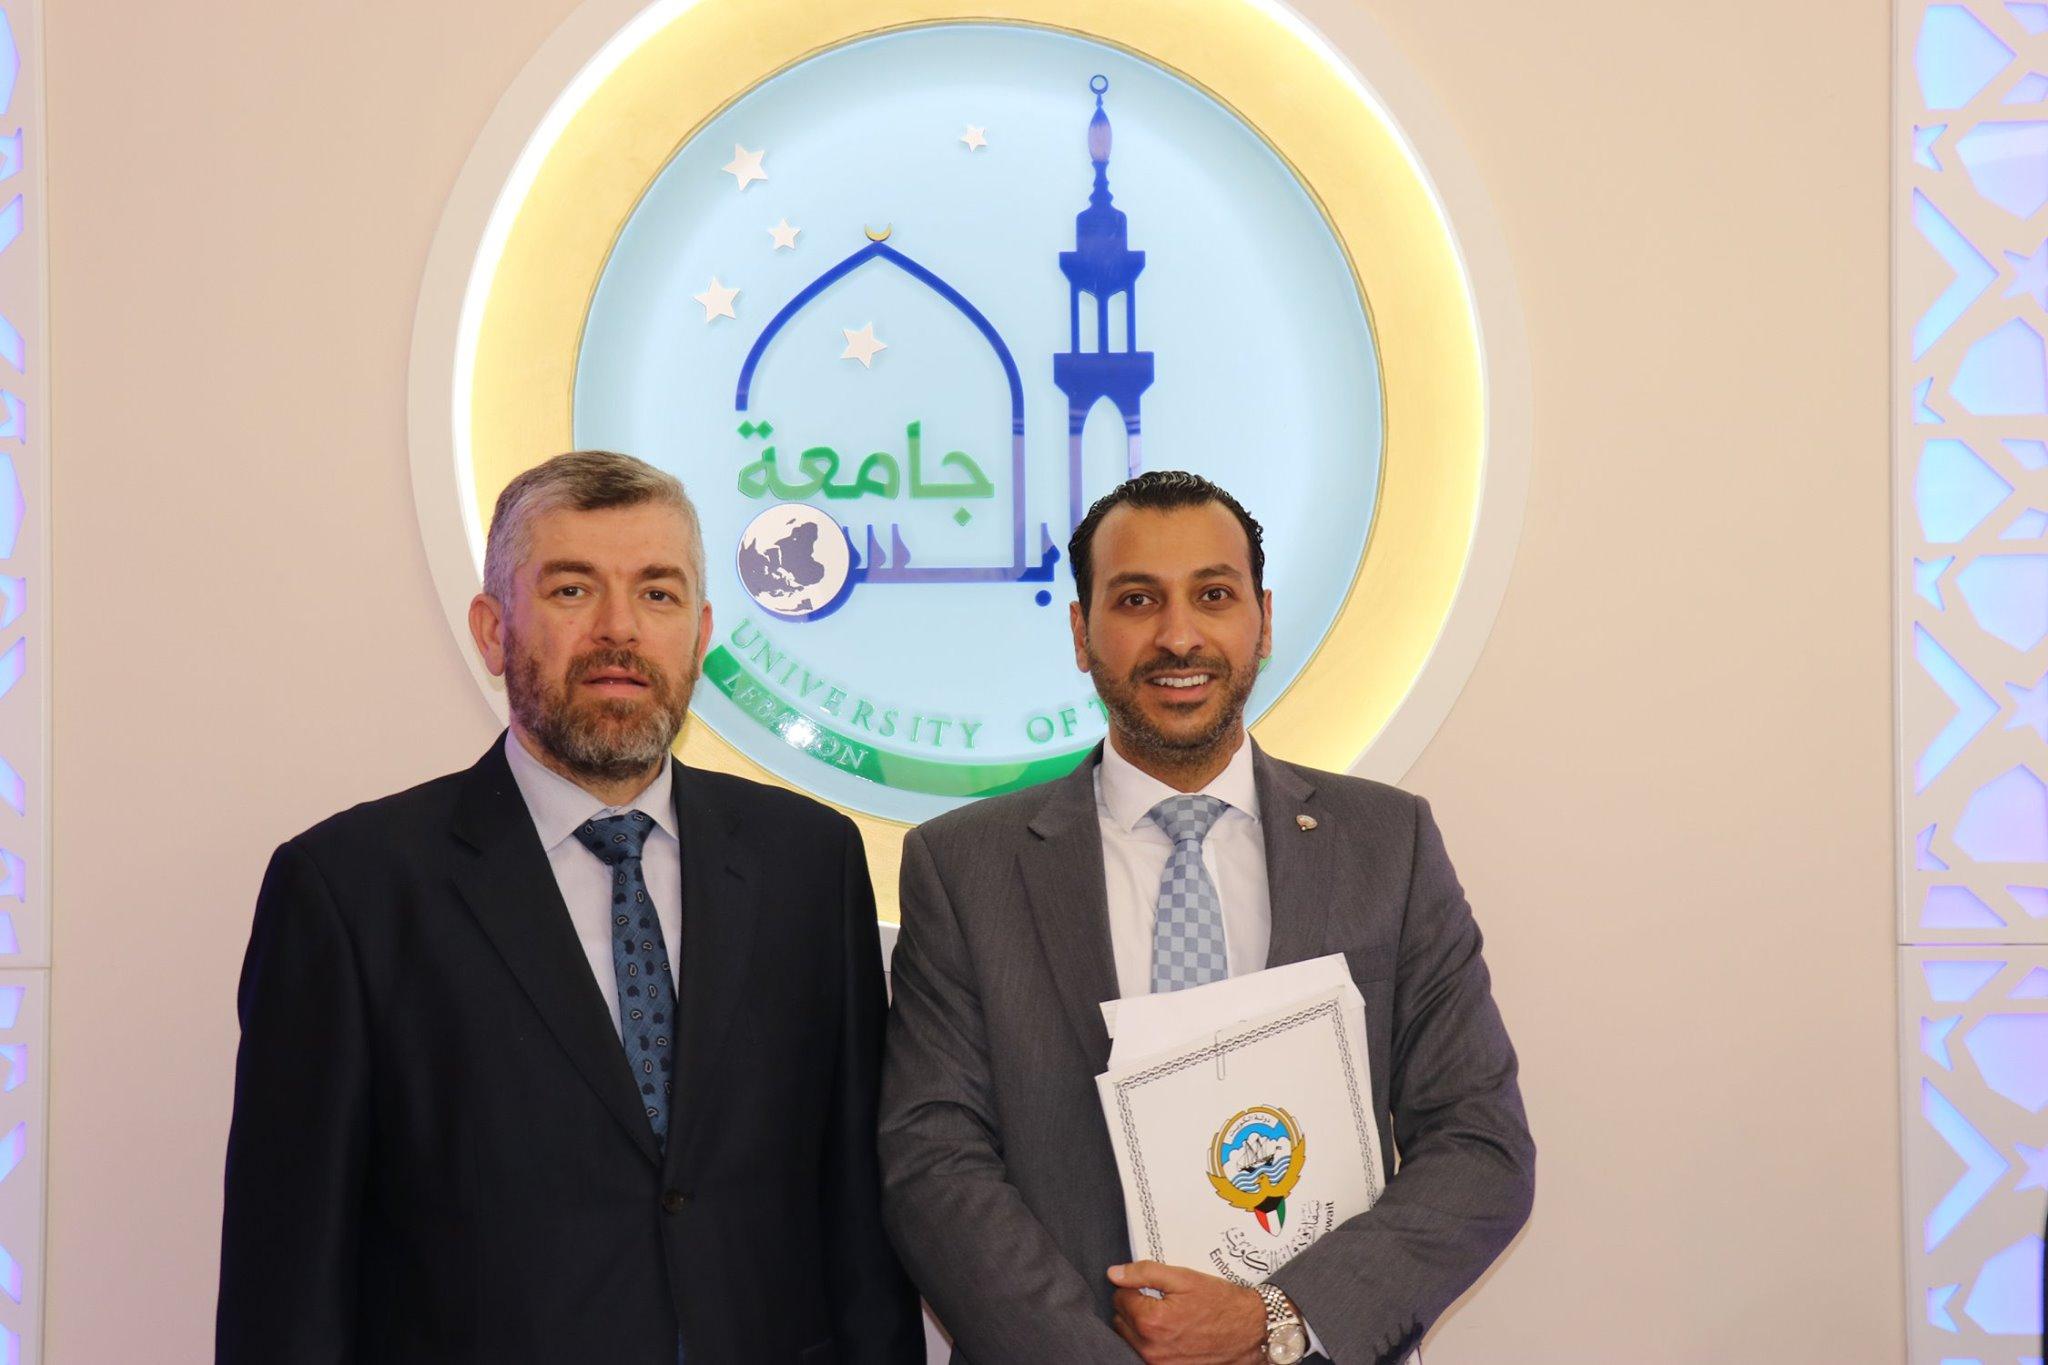 السكرتير الأول في السفارة الكويتية في بيروت يزور مجمع الإصلاح الإسلامي في طرابلس (1/5)